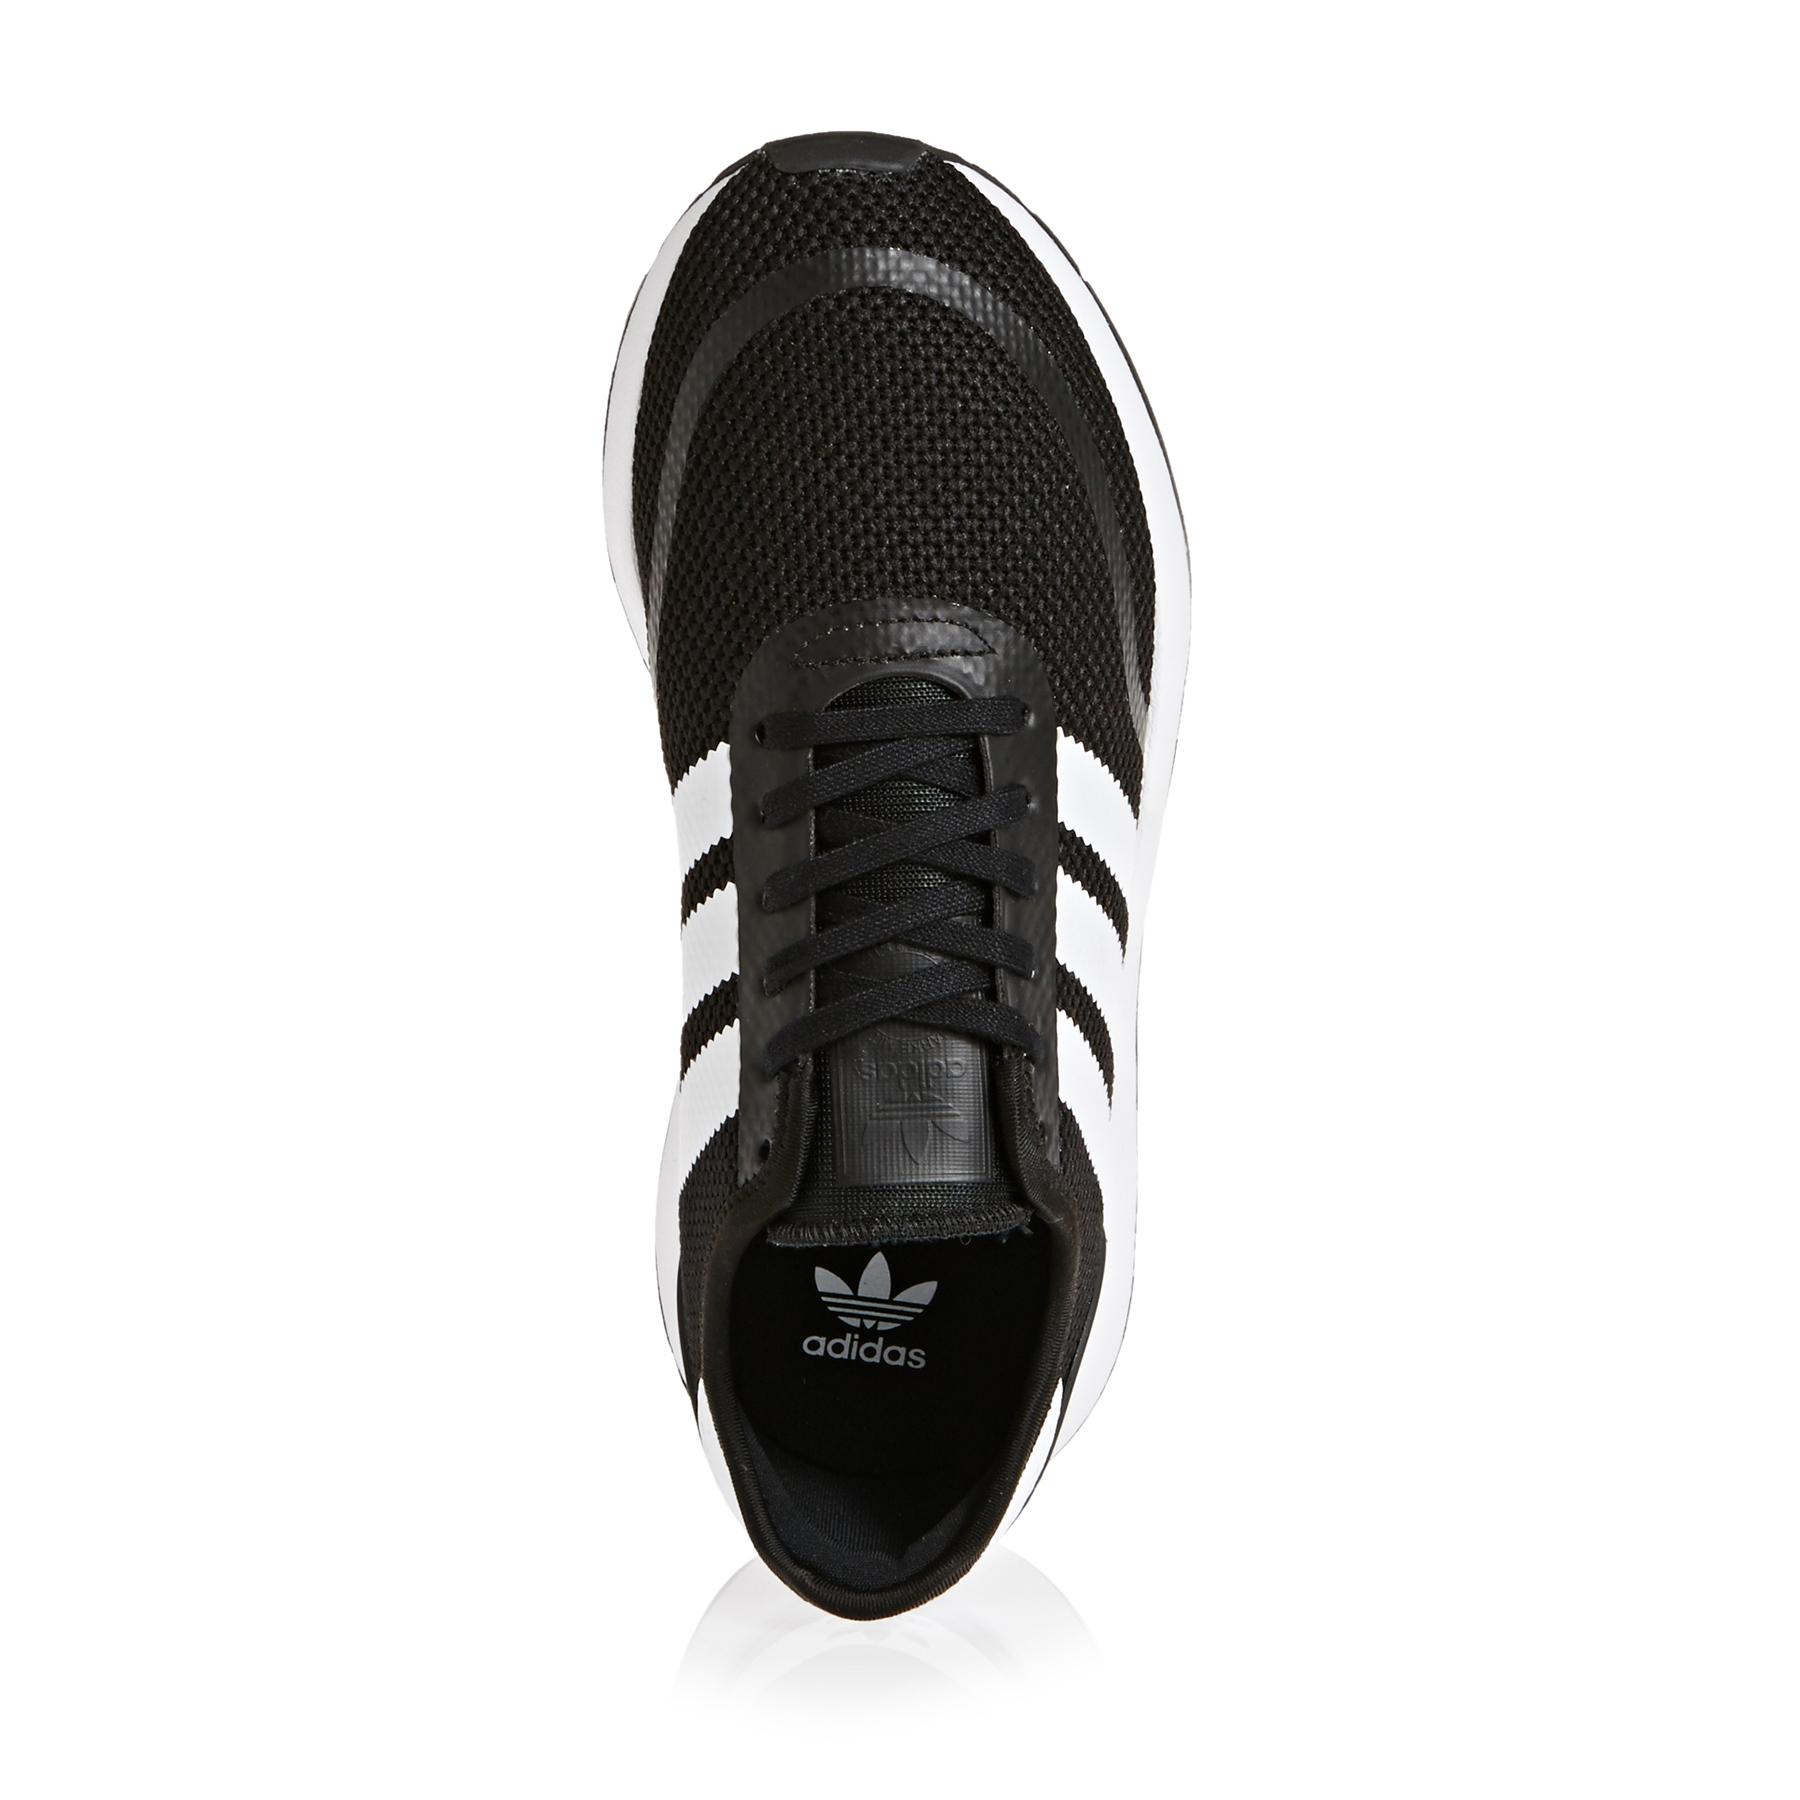 Adidas Originals N 5923 Damen Sneaker Hellblau | Outlet